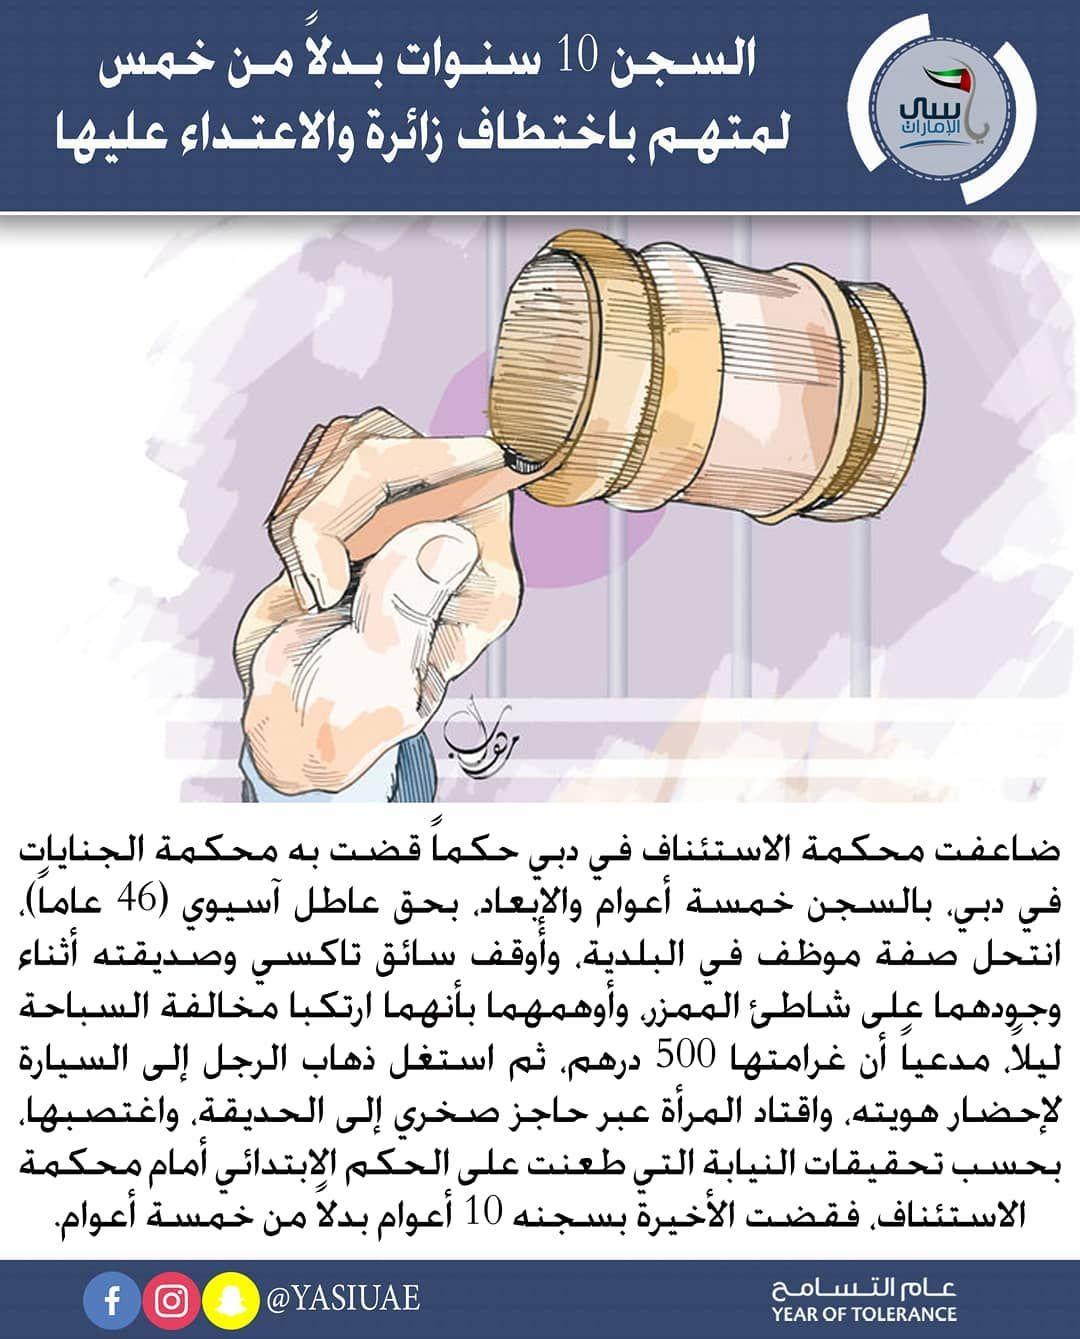 قضايا السجن 10 سنوات بدلا من خمس لمتهم باختطاف زائرة والاعتداء عليها ضاعفت محكمة الاستئناف في دبي حكما قضت به محكمة الجنايات في Tolerance 10 Things Years